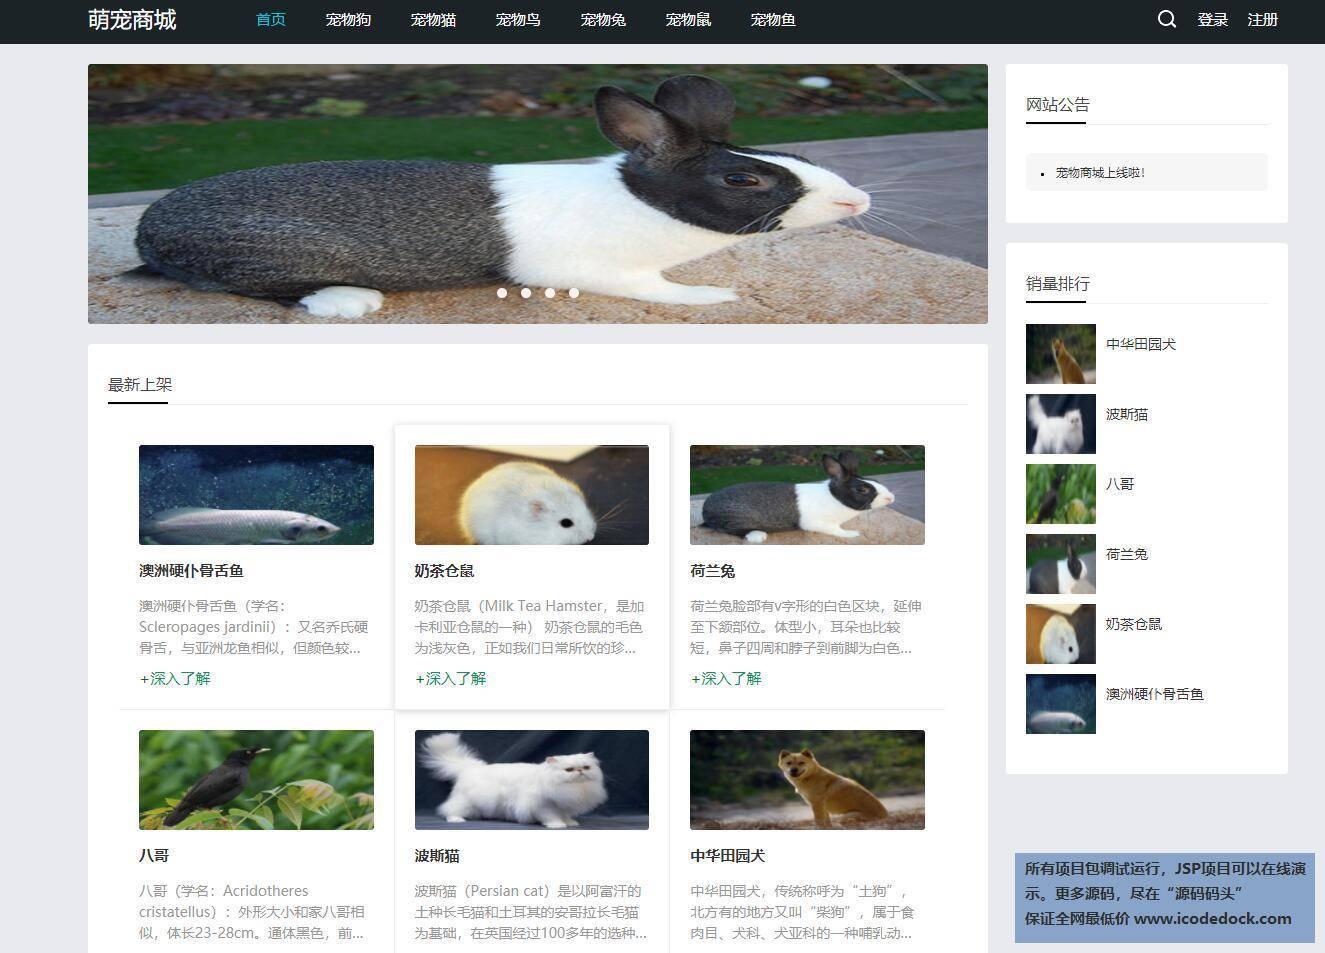 源码码头-SSM宠物销售购买商城平台网站-用户角色-查看所有宠物